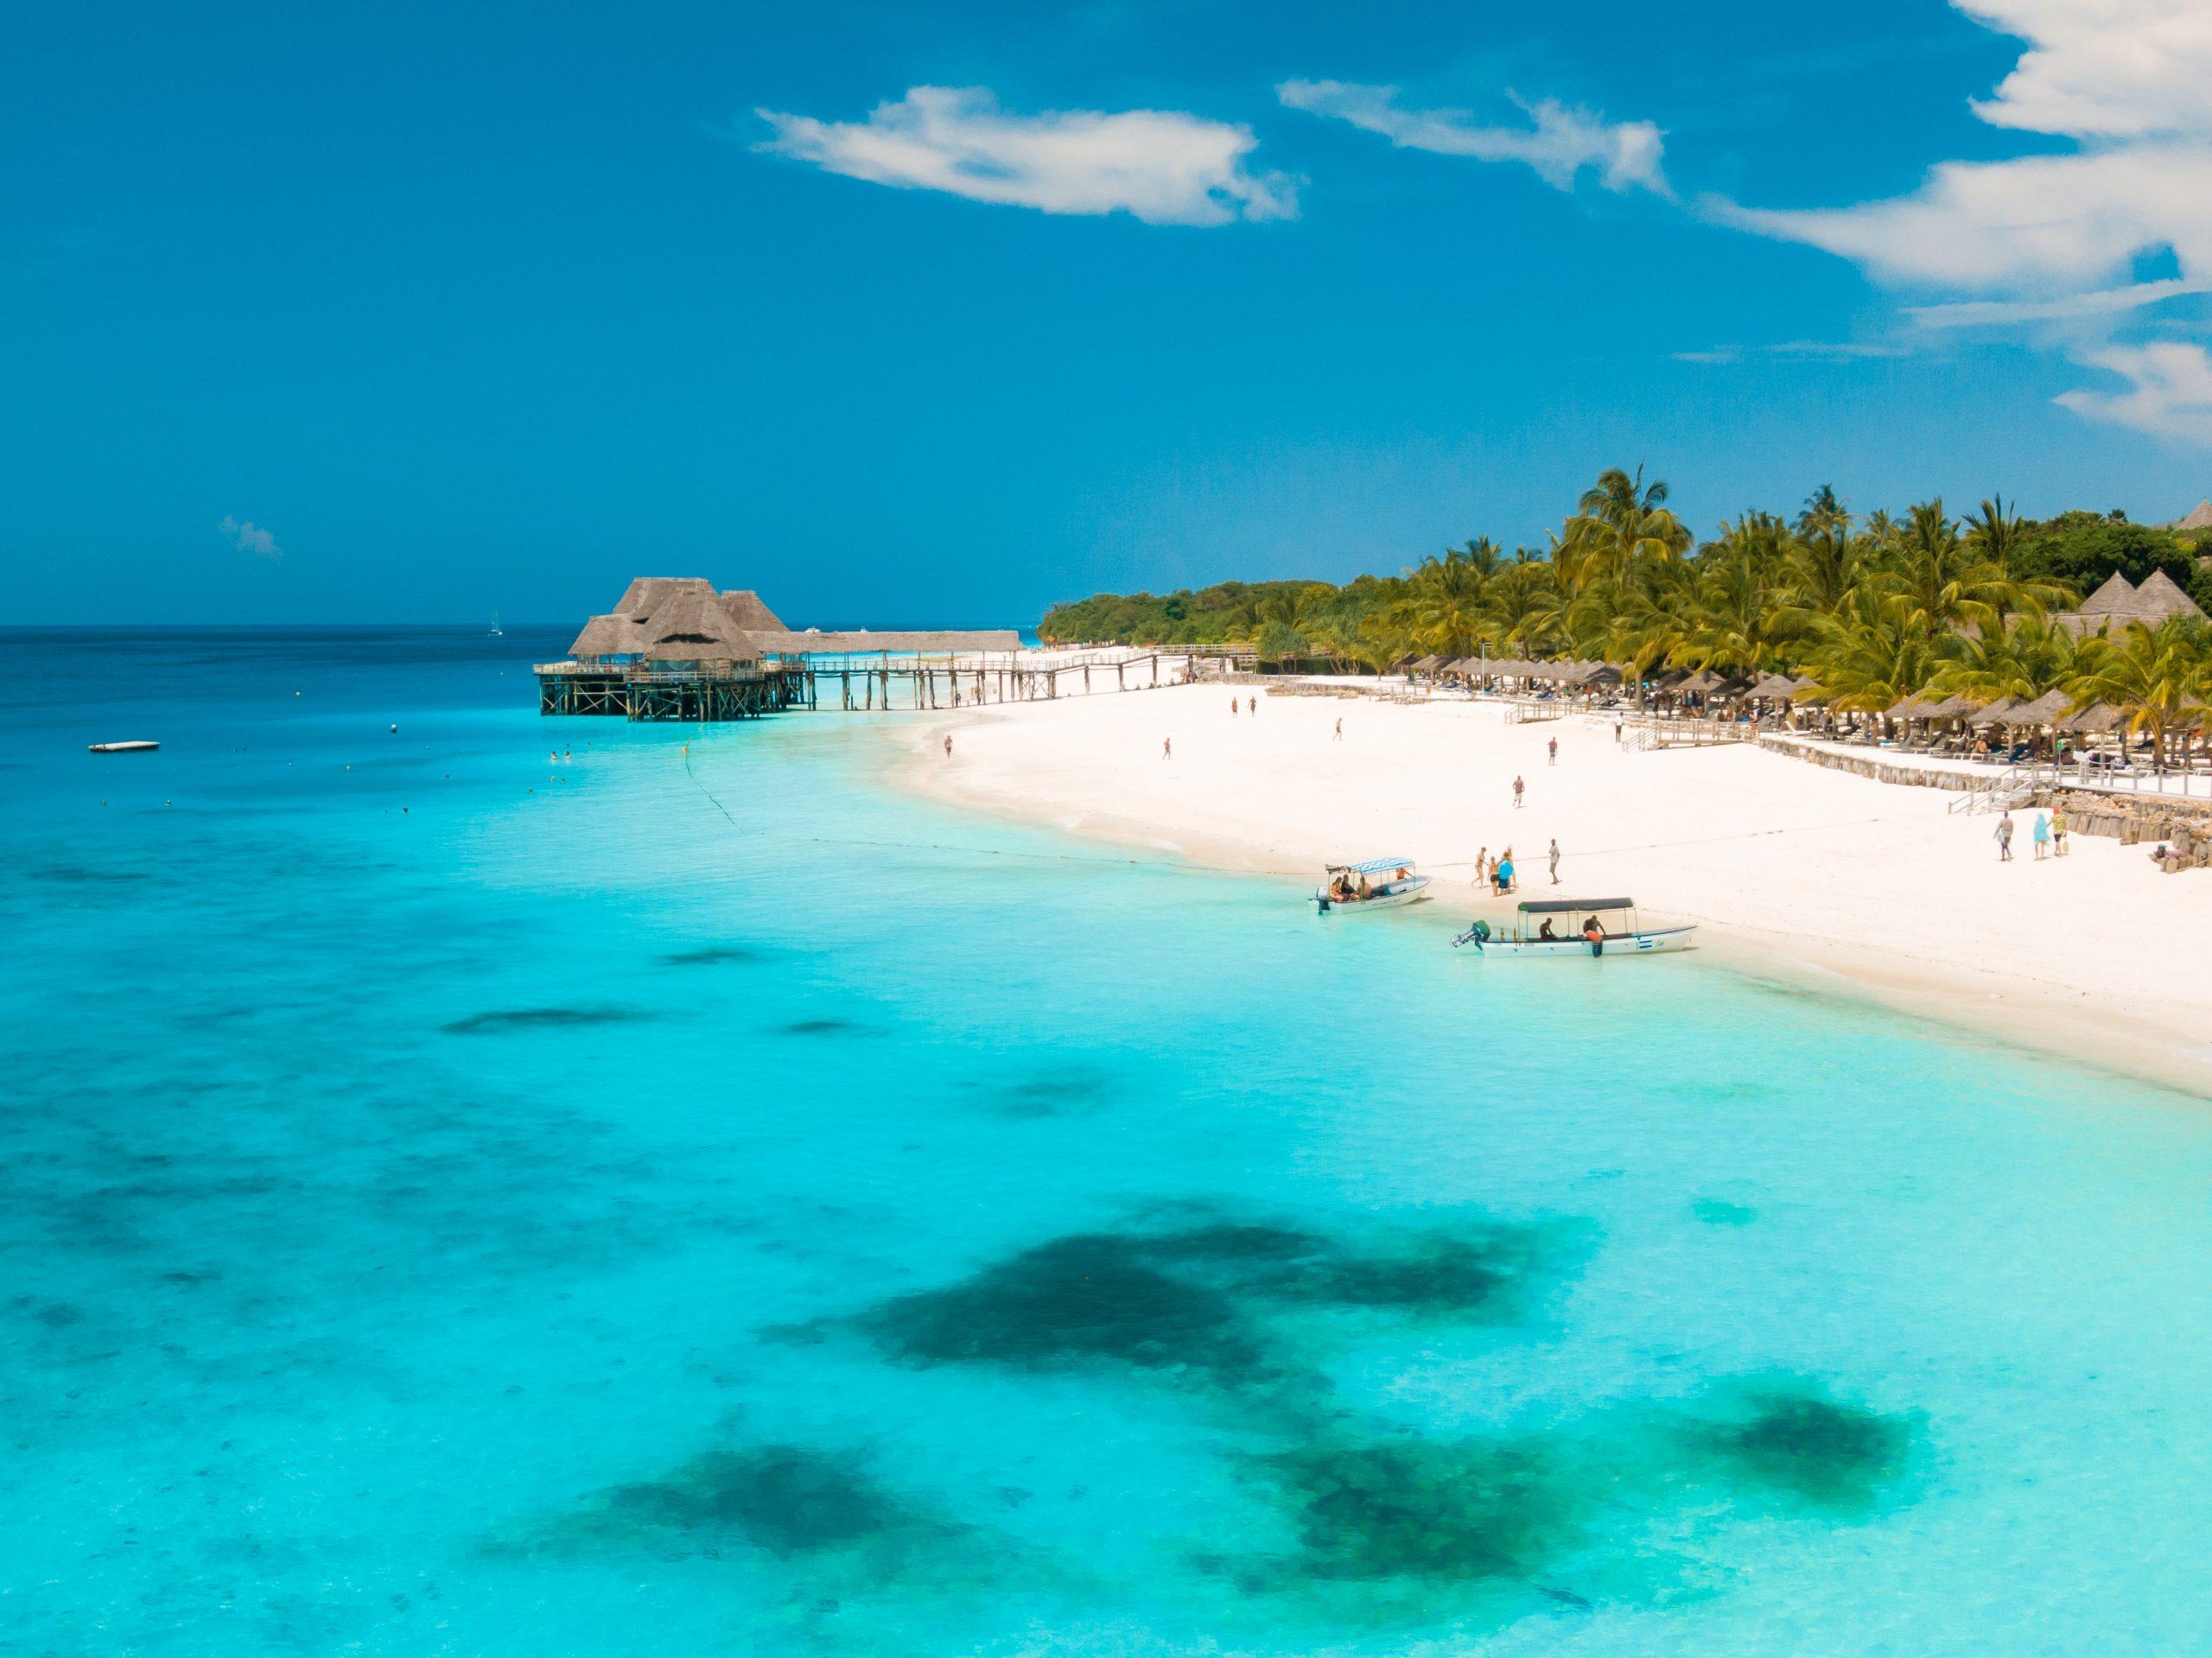 Acum este perioada ideală să achiziționezi bilete de avion în Zanzibar! (P)